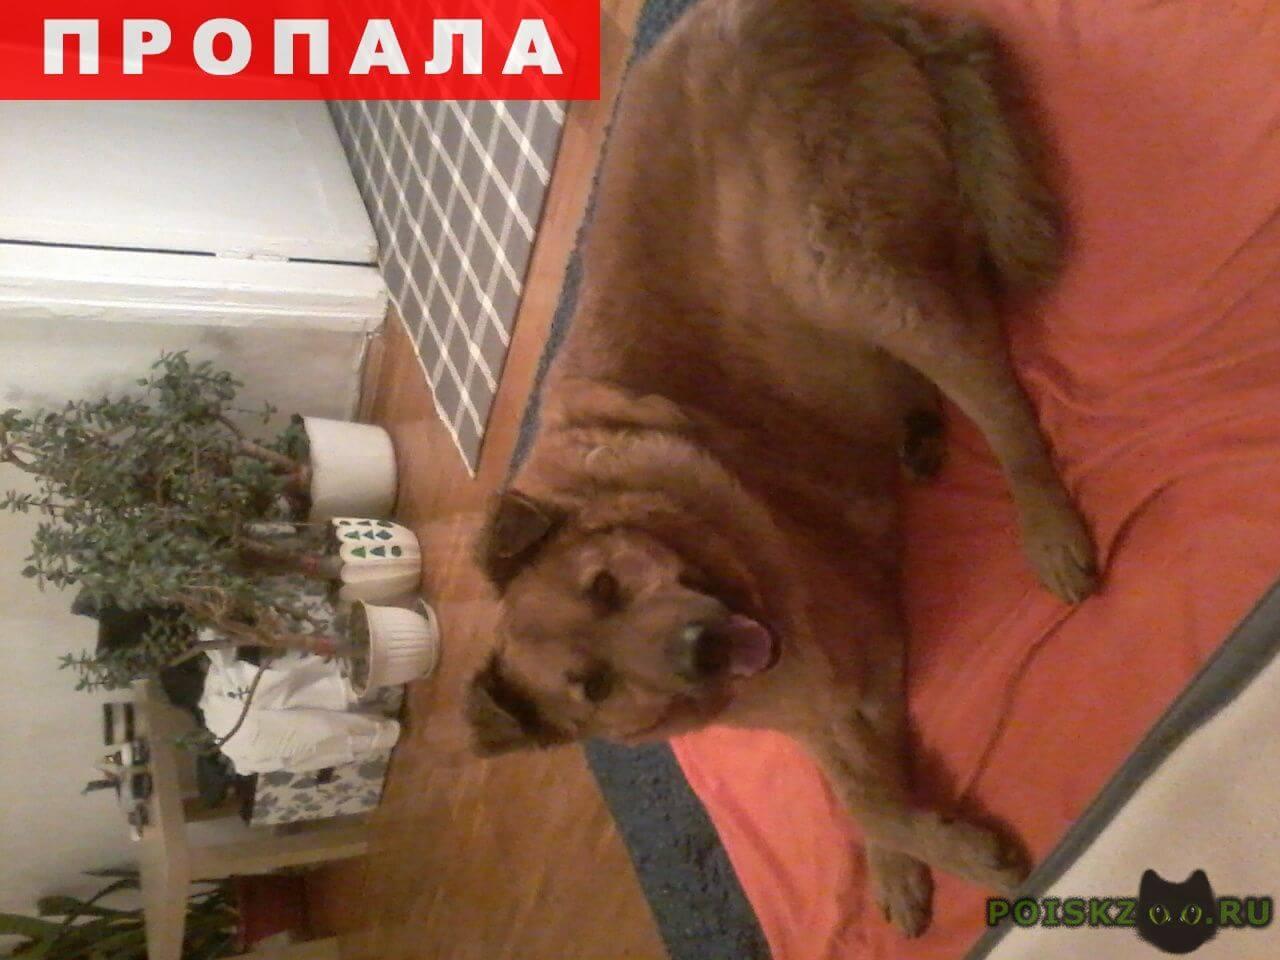 Пропала собака кобель рыжий пес убежал через дорогу от петарды г.Москва